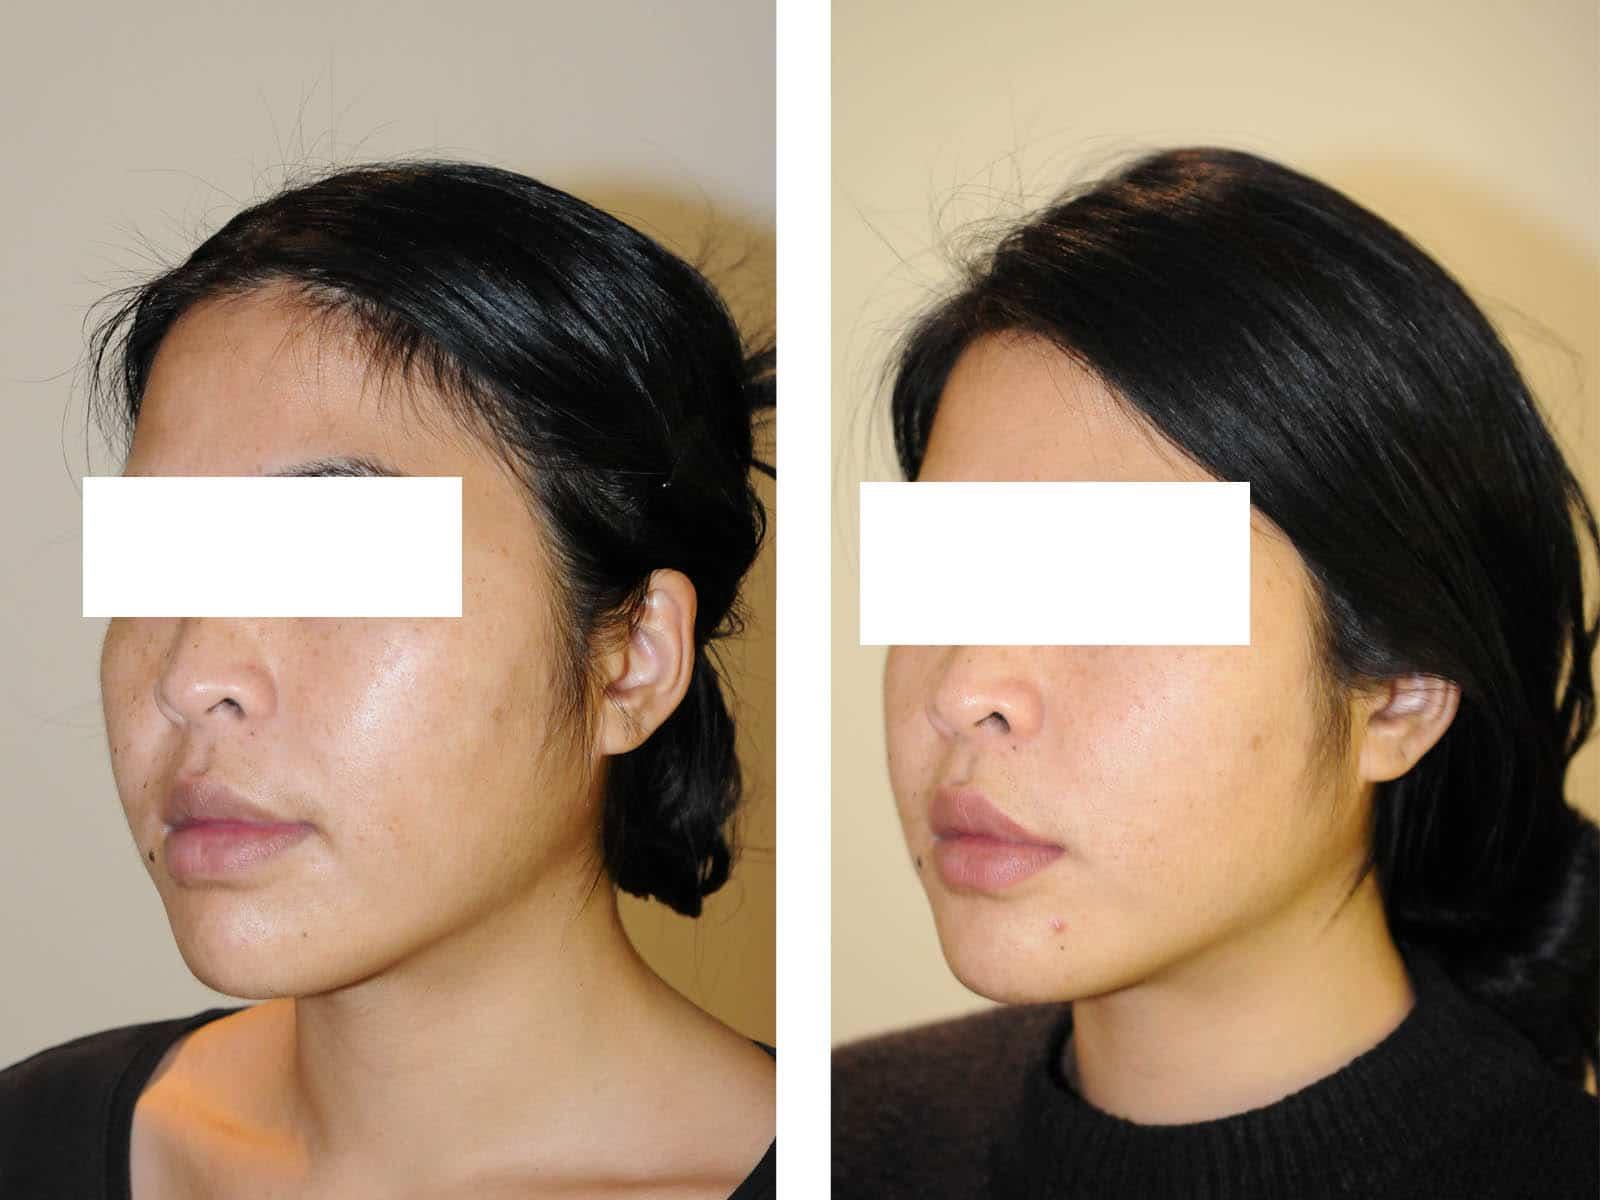 cas chirurgie apnee du sommeil avancement maxillaire trois quart